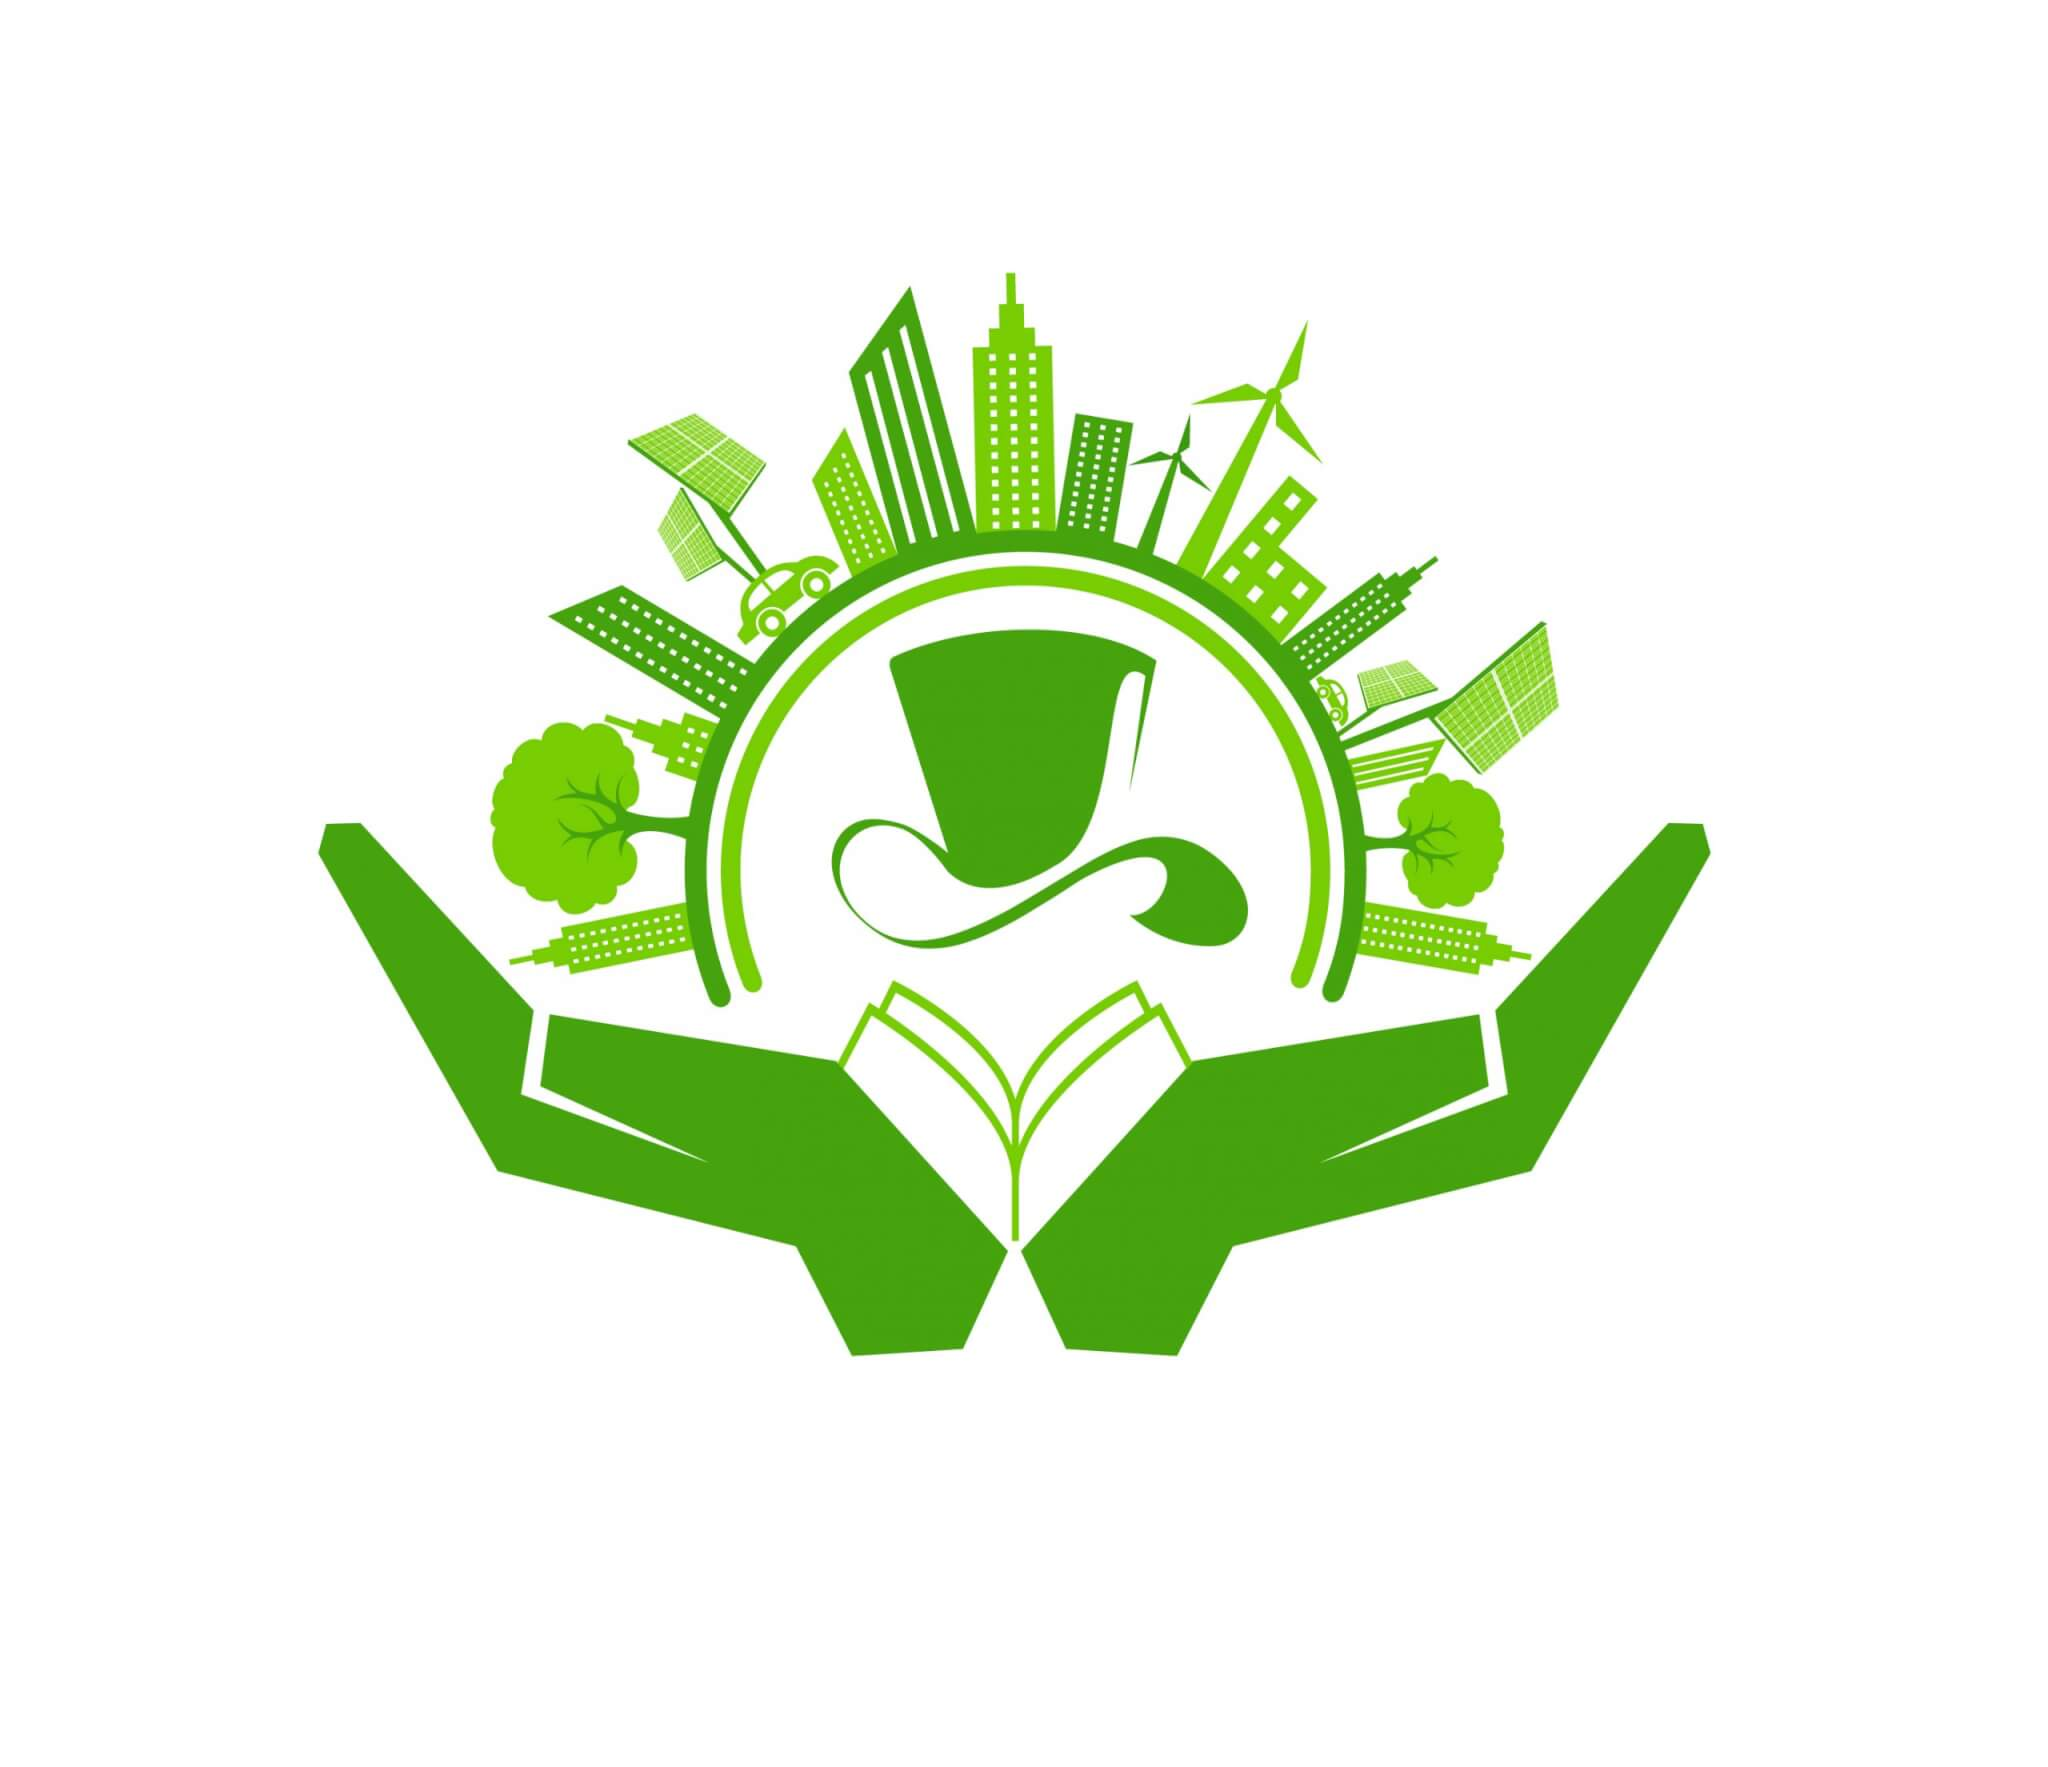 Cartola Editora define ações sustentáveis com o plantio de árvores nativas